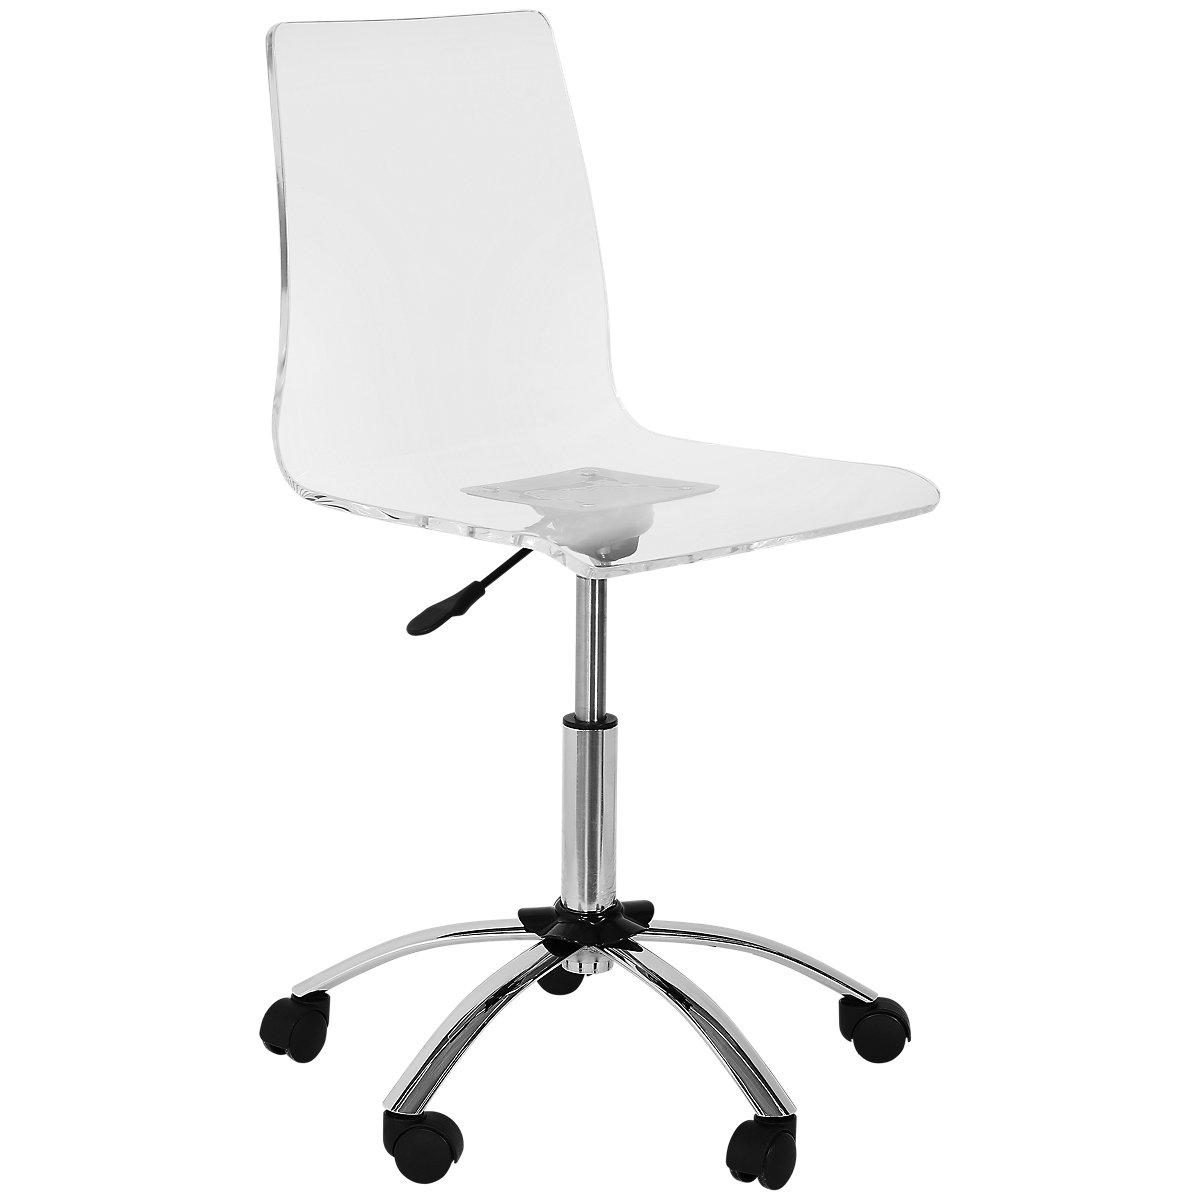 Chloe Acrylic Acrylic Desk Chair